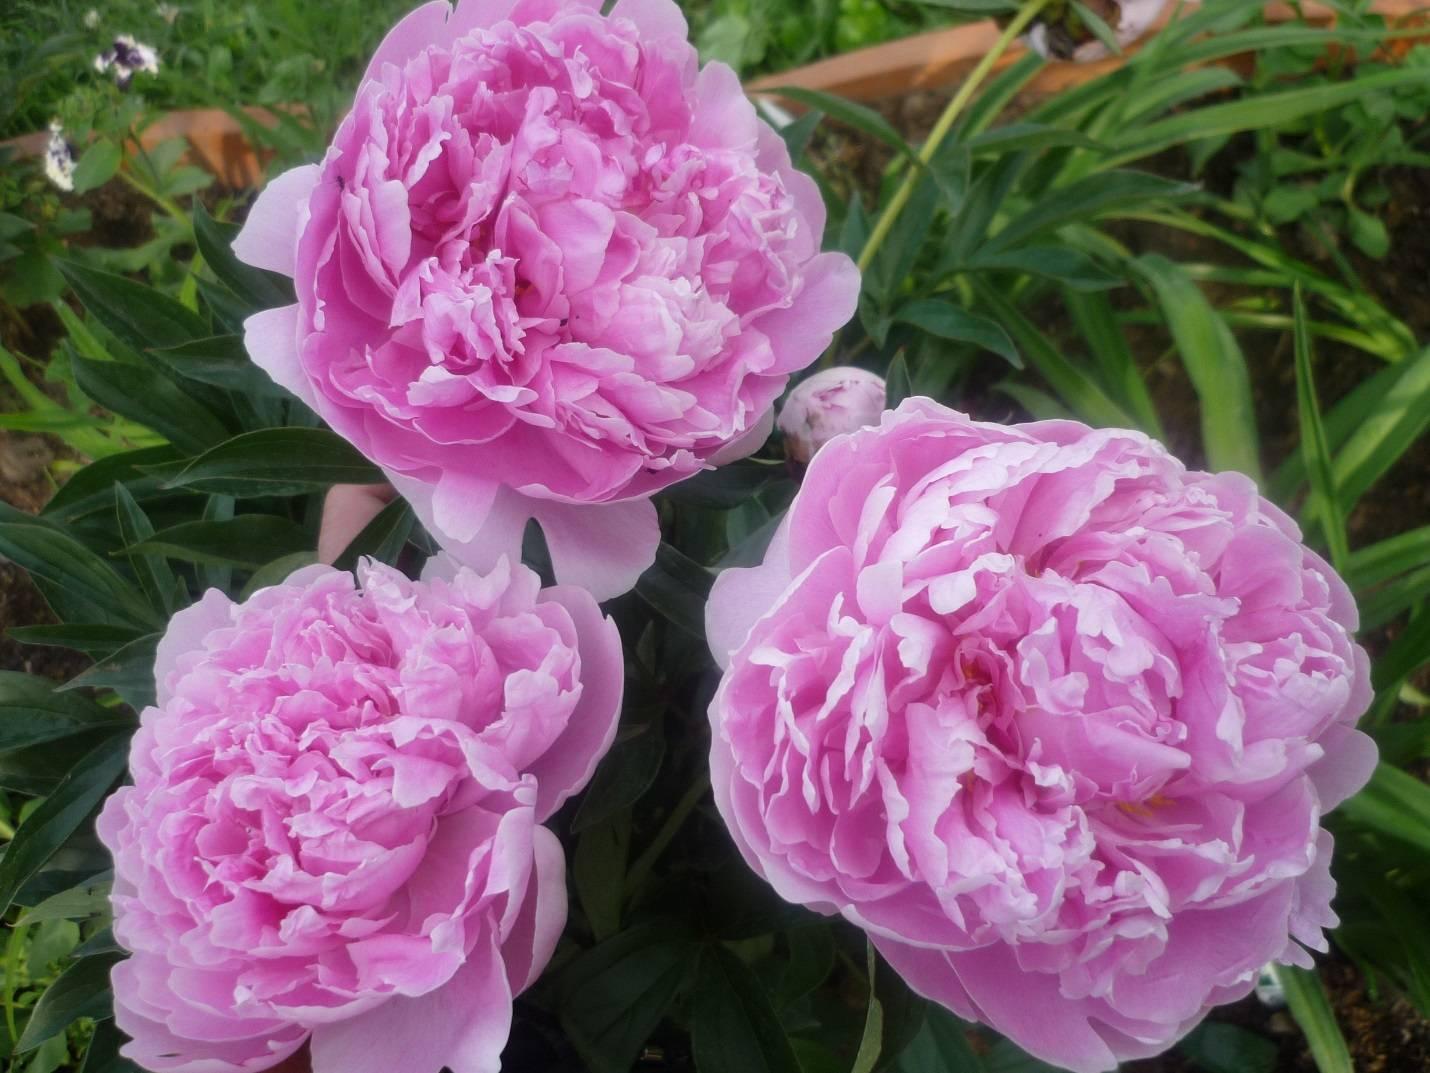 Описание уайт и ред – молочноцветковых травянистых сортов пионов сара бернар